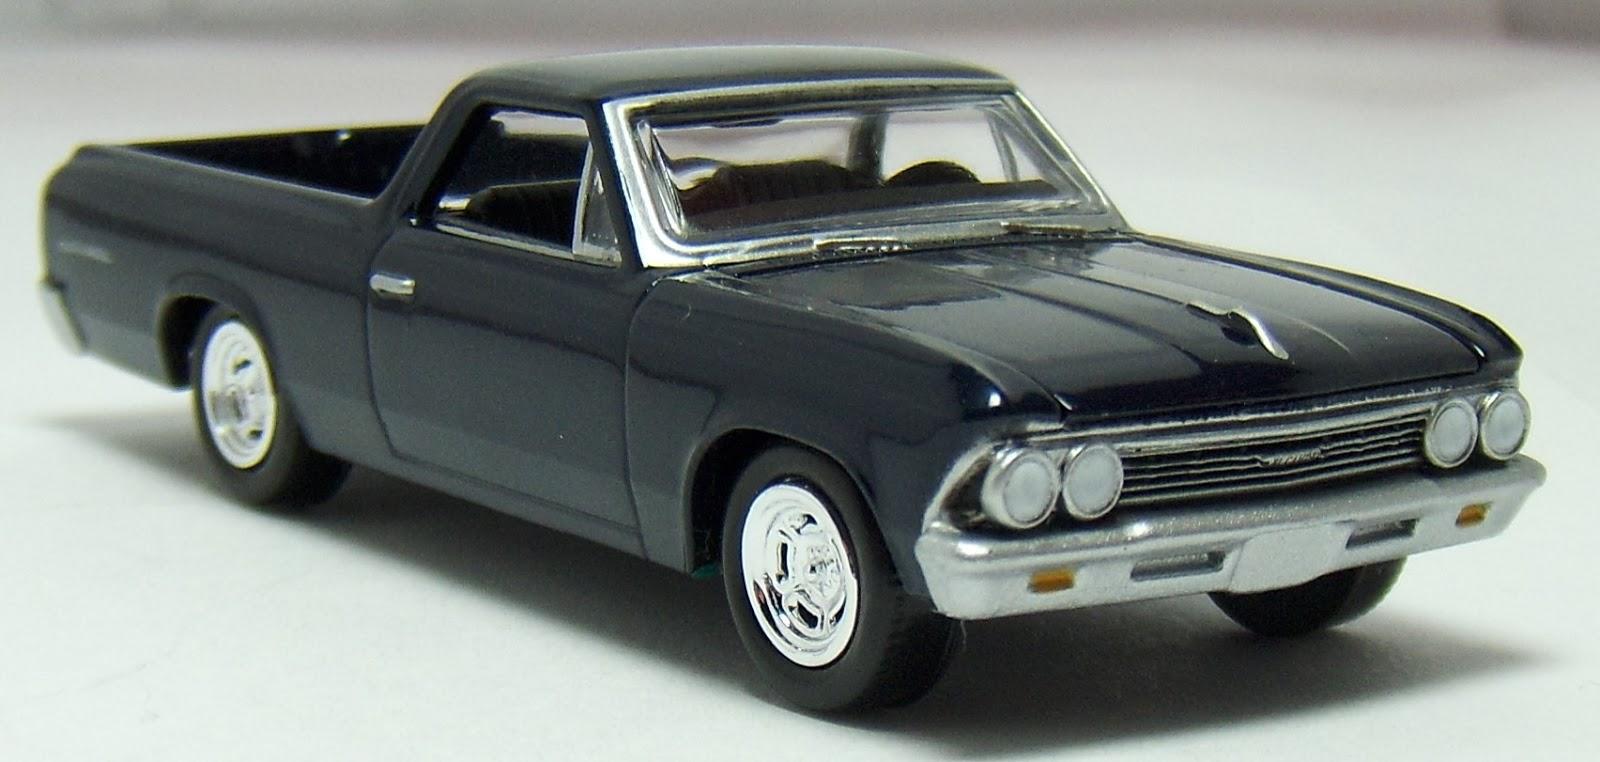 medium resolution of auto world 1966 chevrolet el camino